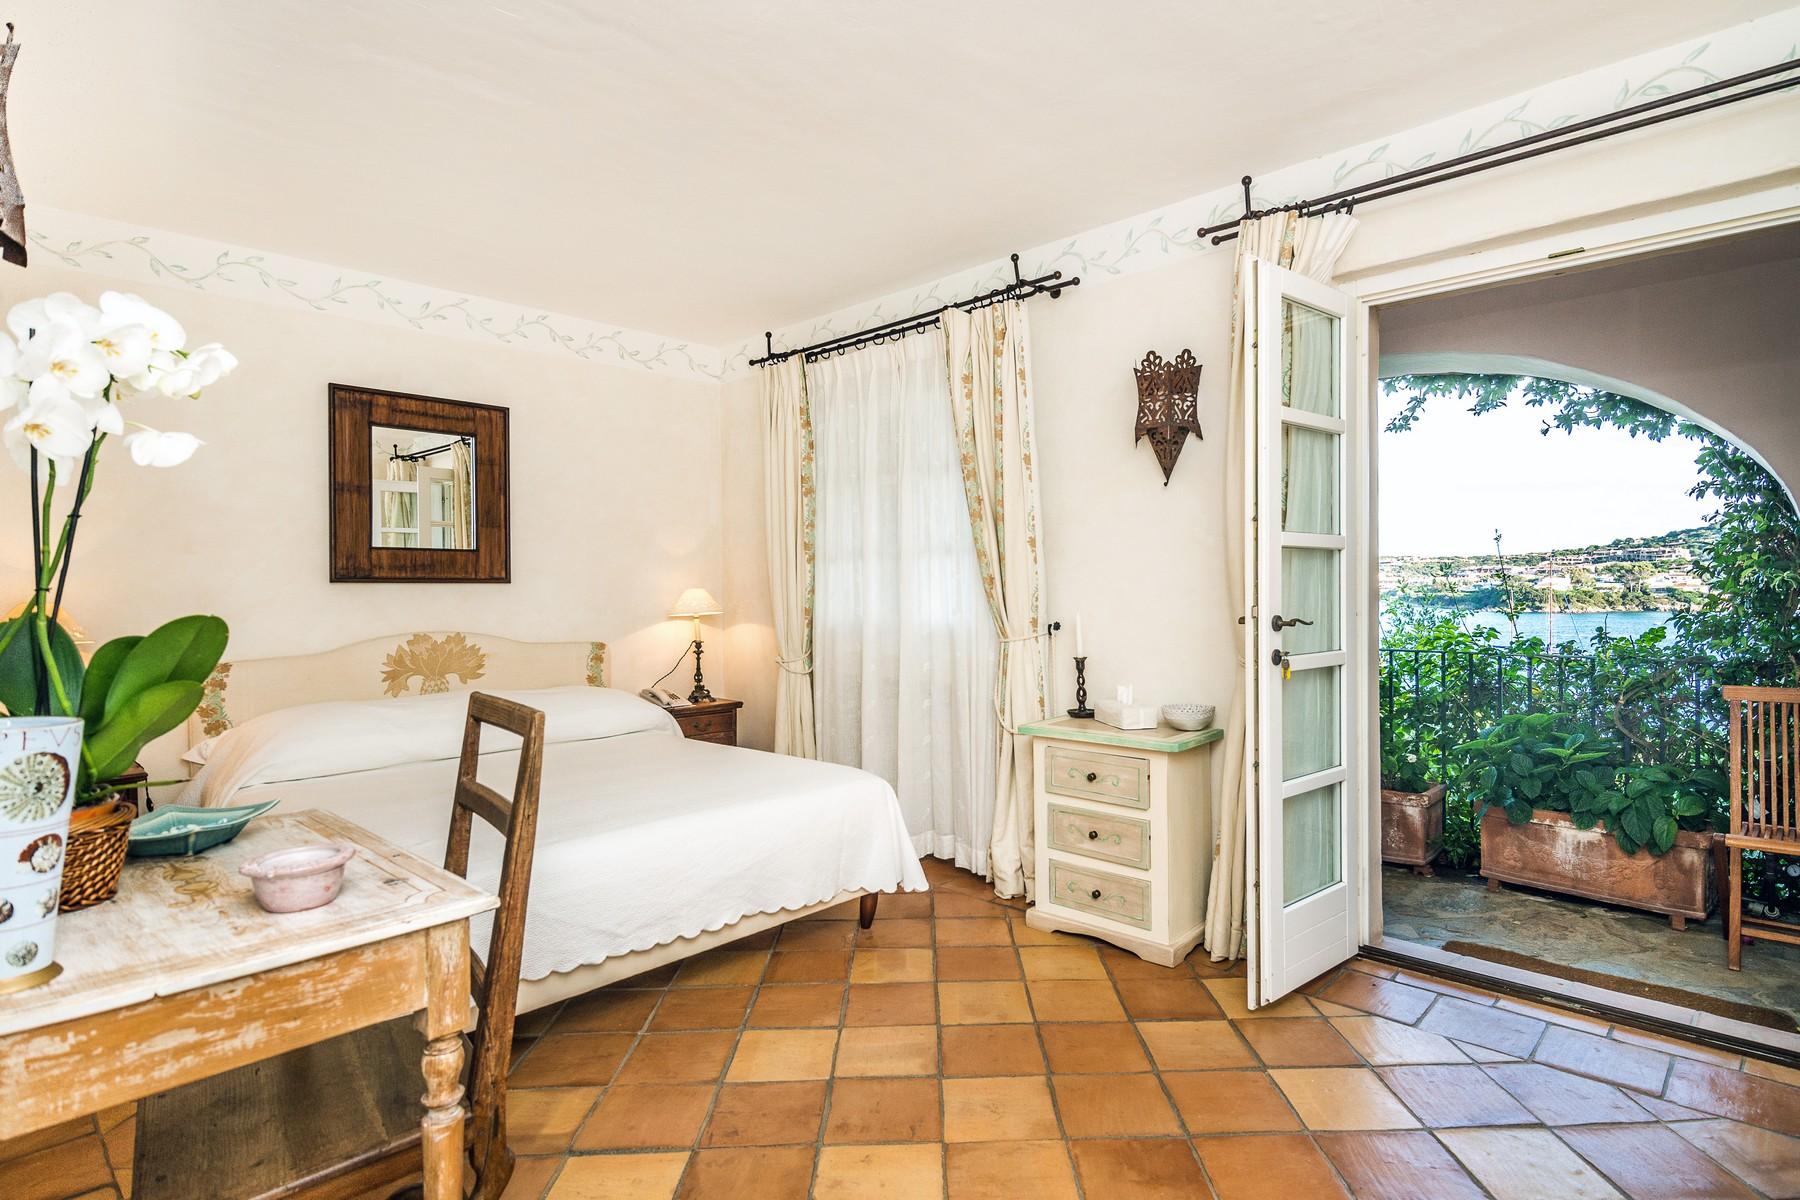 Additional photo for property listing at Majestic Waterfront Estate Porto Cervo Marina Costa Smeralda Porto Cervo, Olbia Tempio 07021 Italien